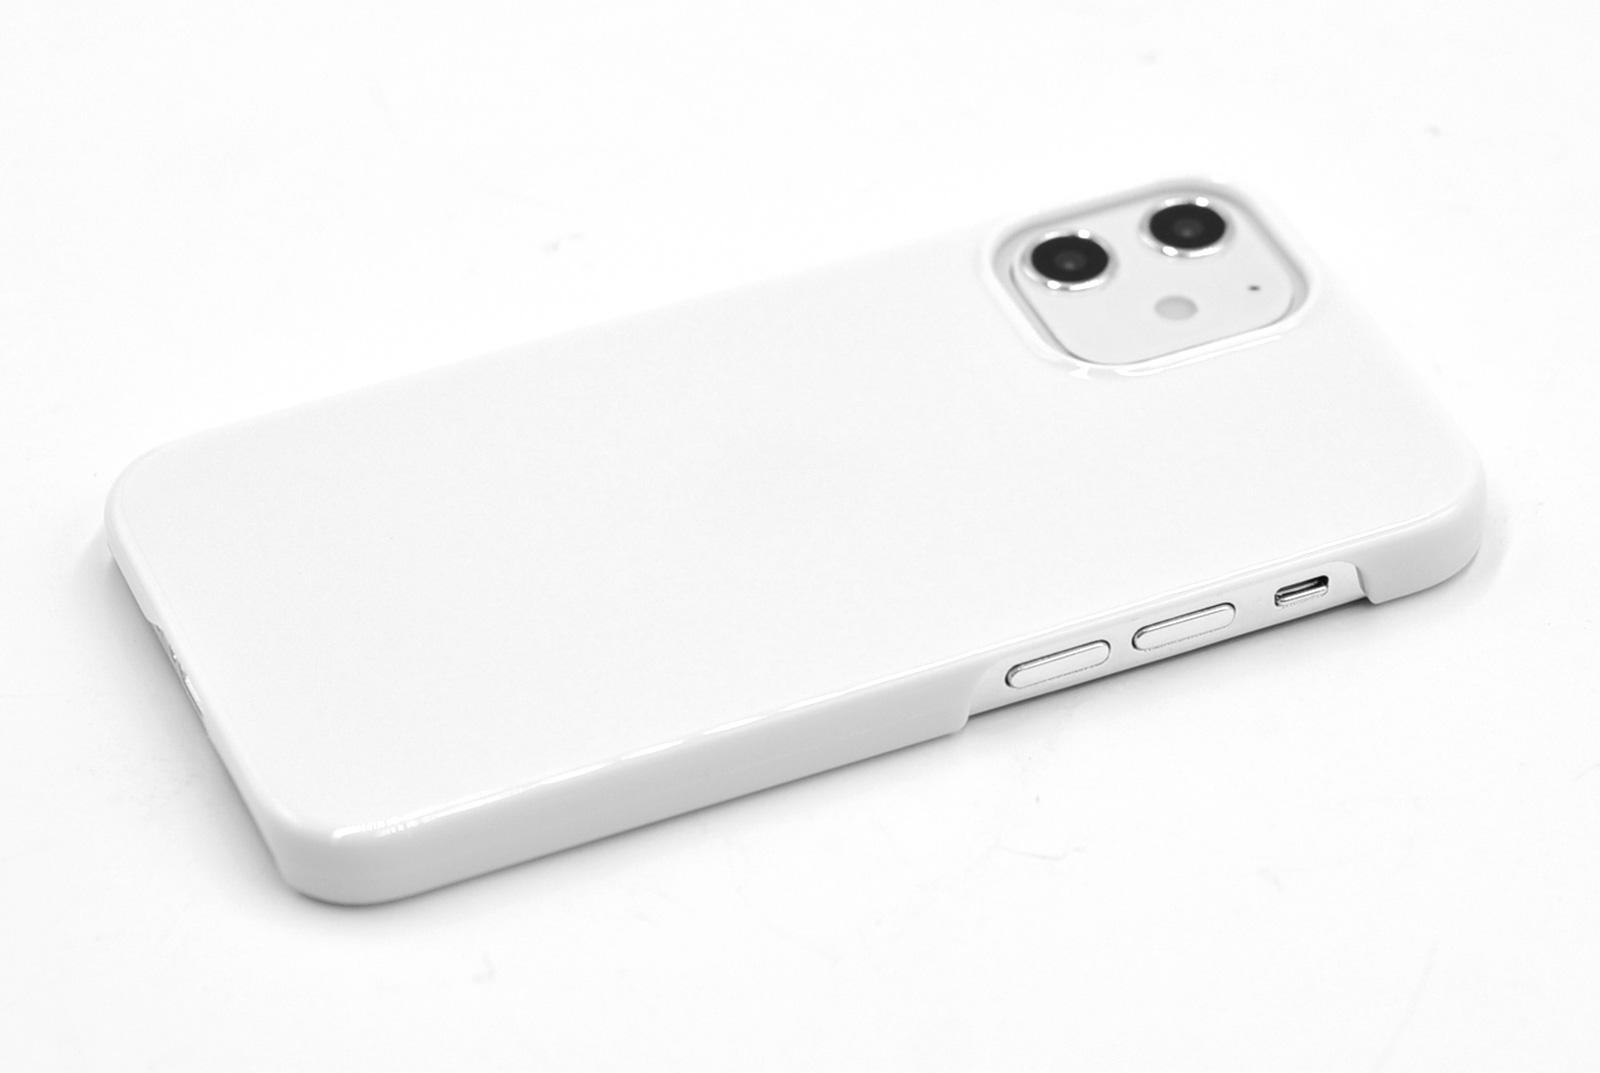 iPhone 12 miniケースの特徴